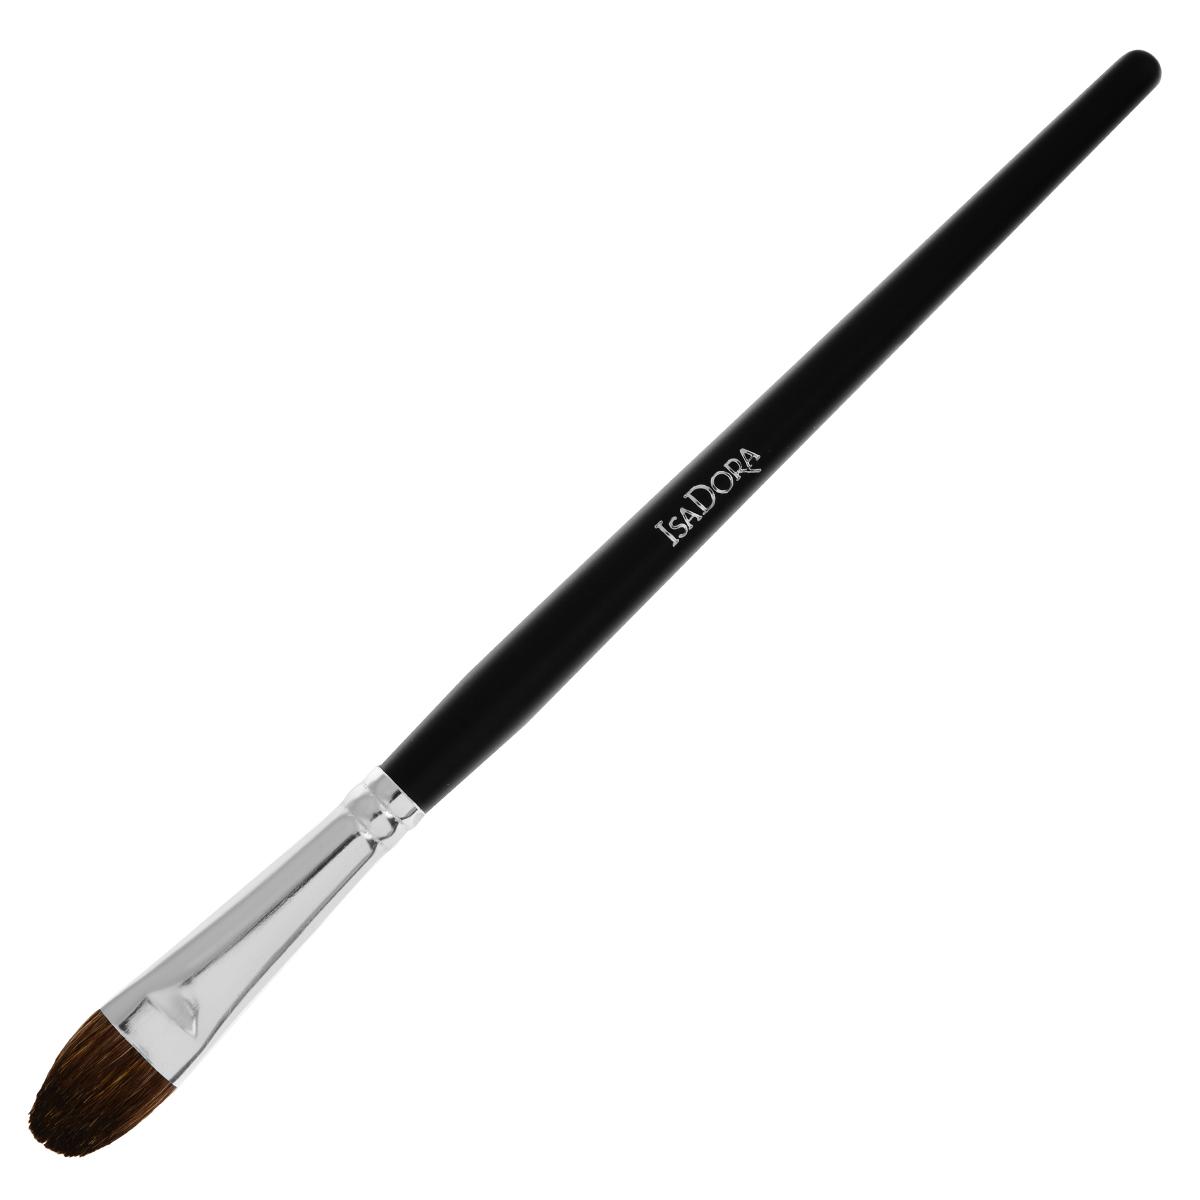 Isa Dora Кисть для теней Eye Shadow Brush Large, большая119103Большая кисть для теней Isa Dora Eye Shadow Brush Large - незаменимый инструмент для создания идеального макияжа глаз. Кисть имеет оптимальный размер и форму для эффективной и равномерной растушевки теней, позволяет создать плавные переходы цвета. Кисть изготовлена из натурального волоса, стерилизована. Длинная профессиональная ручка выполнена из высококачественного пластика. Товар сертифицирован.